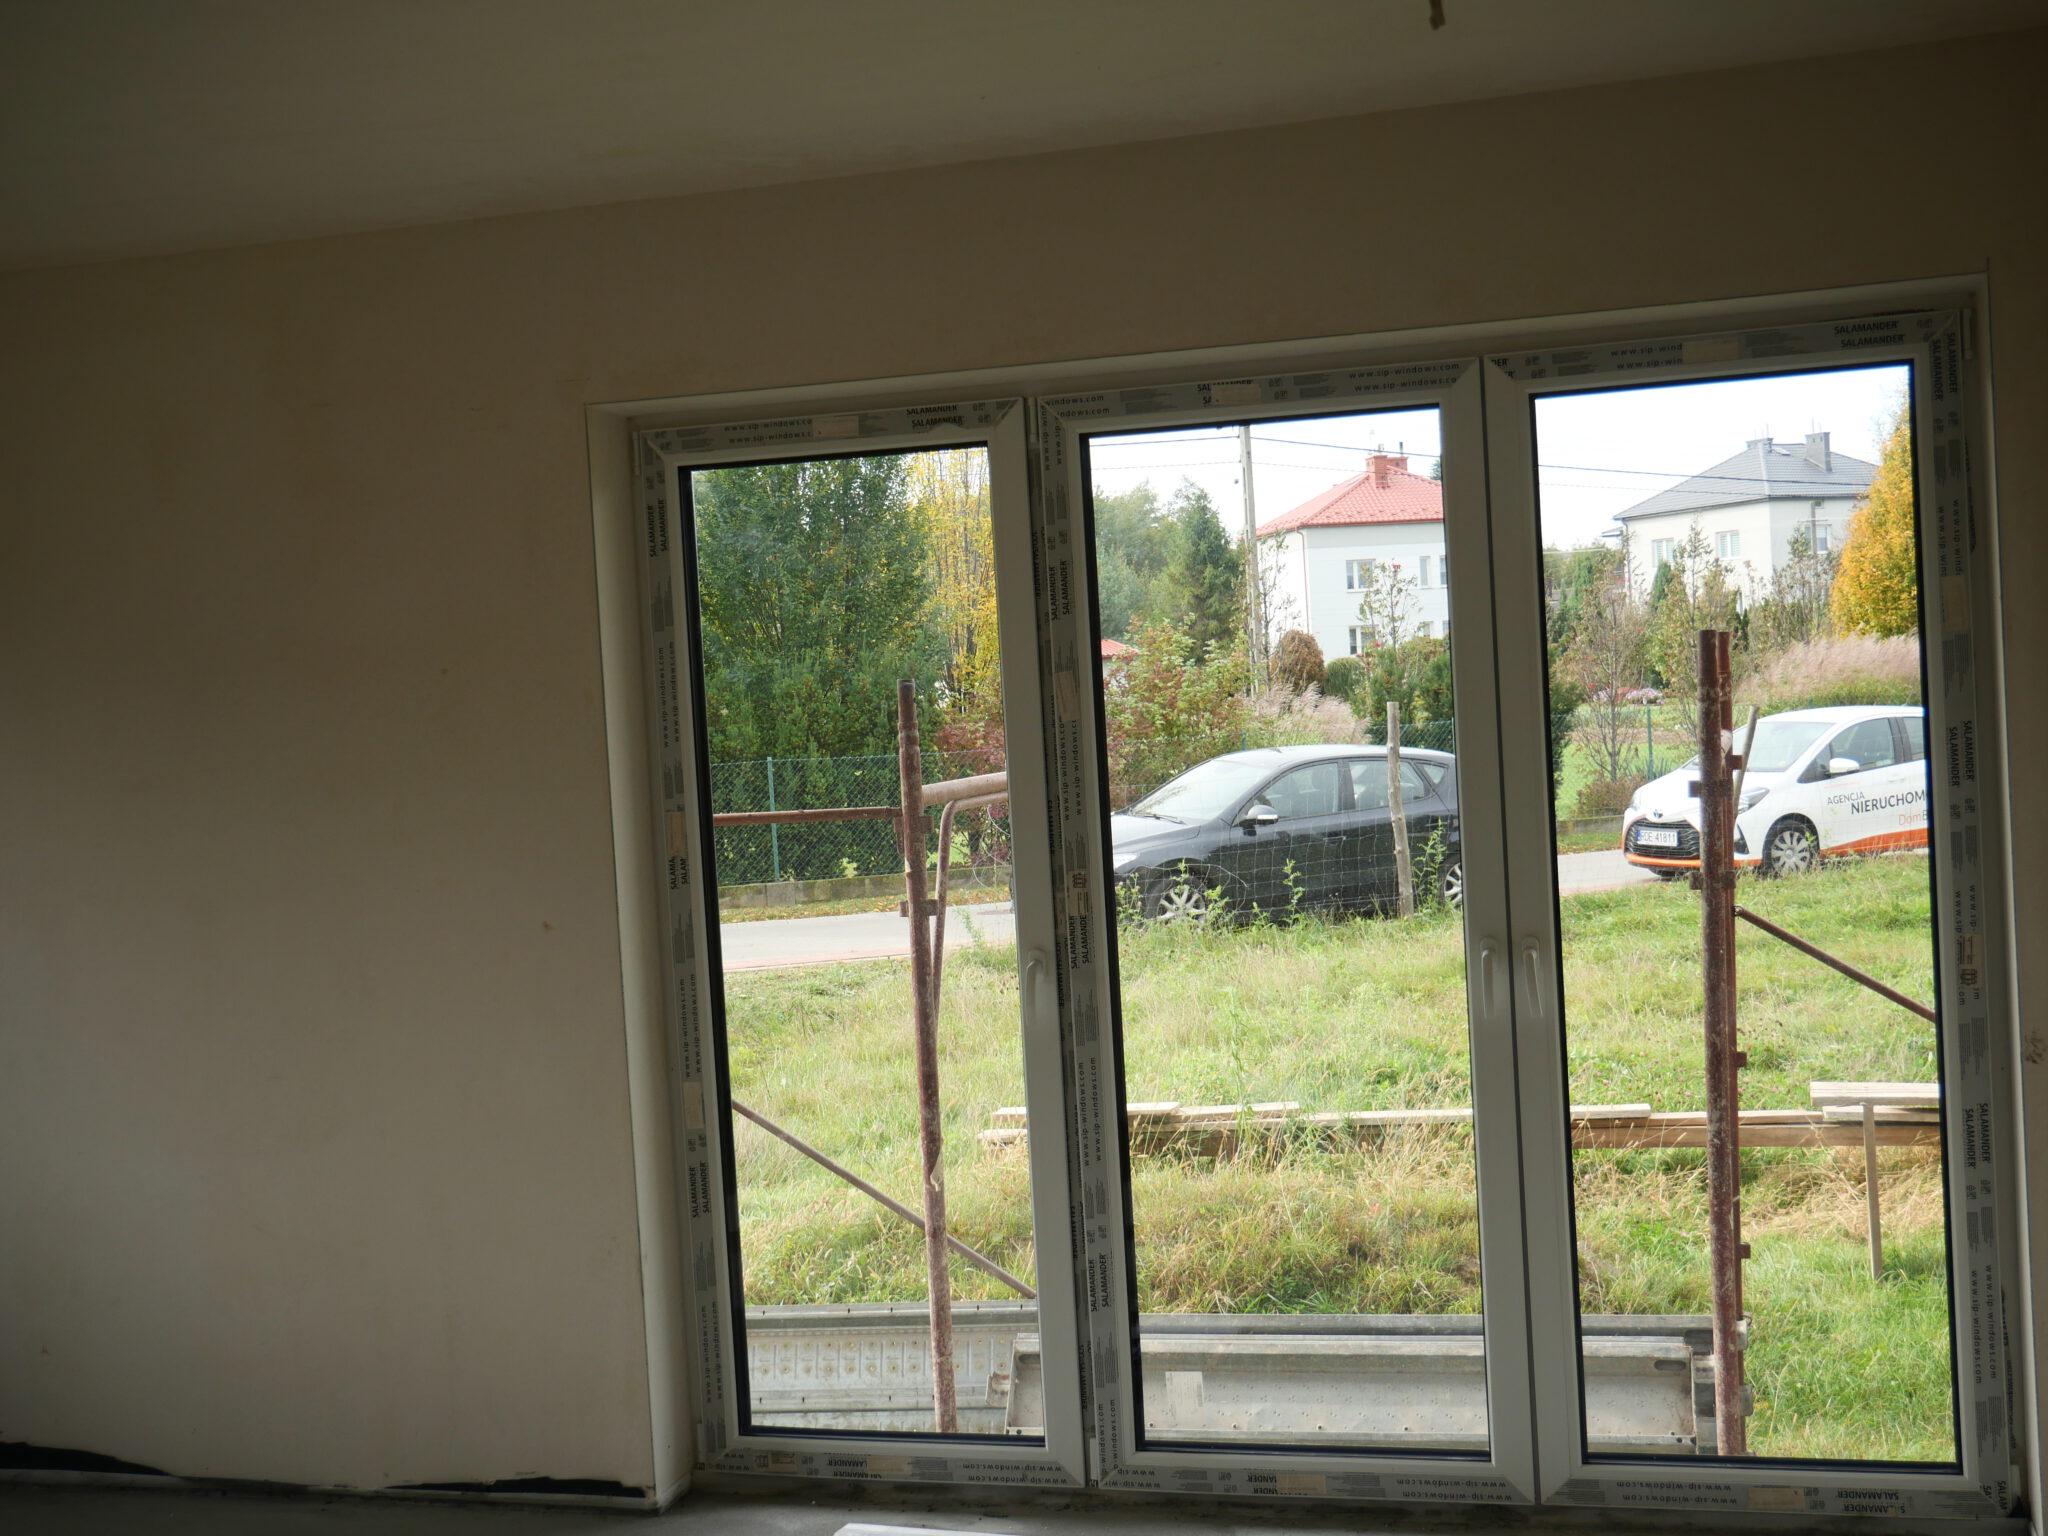 Dom bliźniak w zabudowie segmentowej na sprzedaż, Dębica, ul. Gawrzyłowska